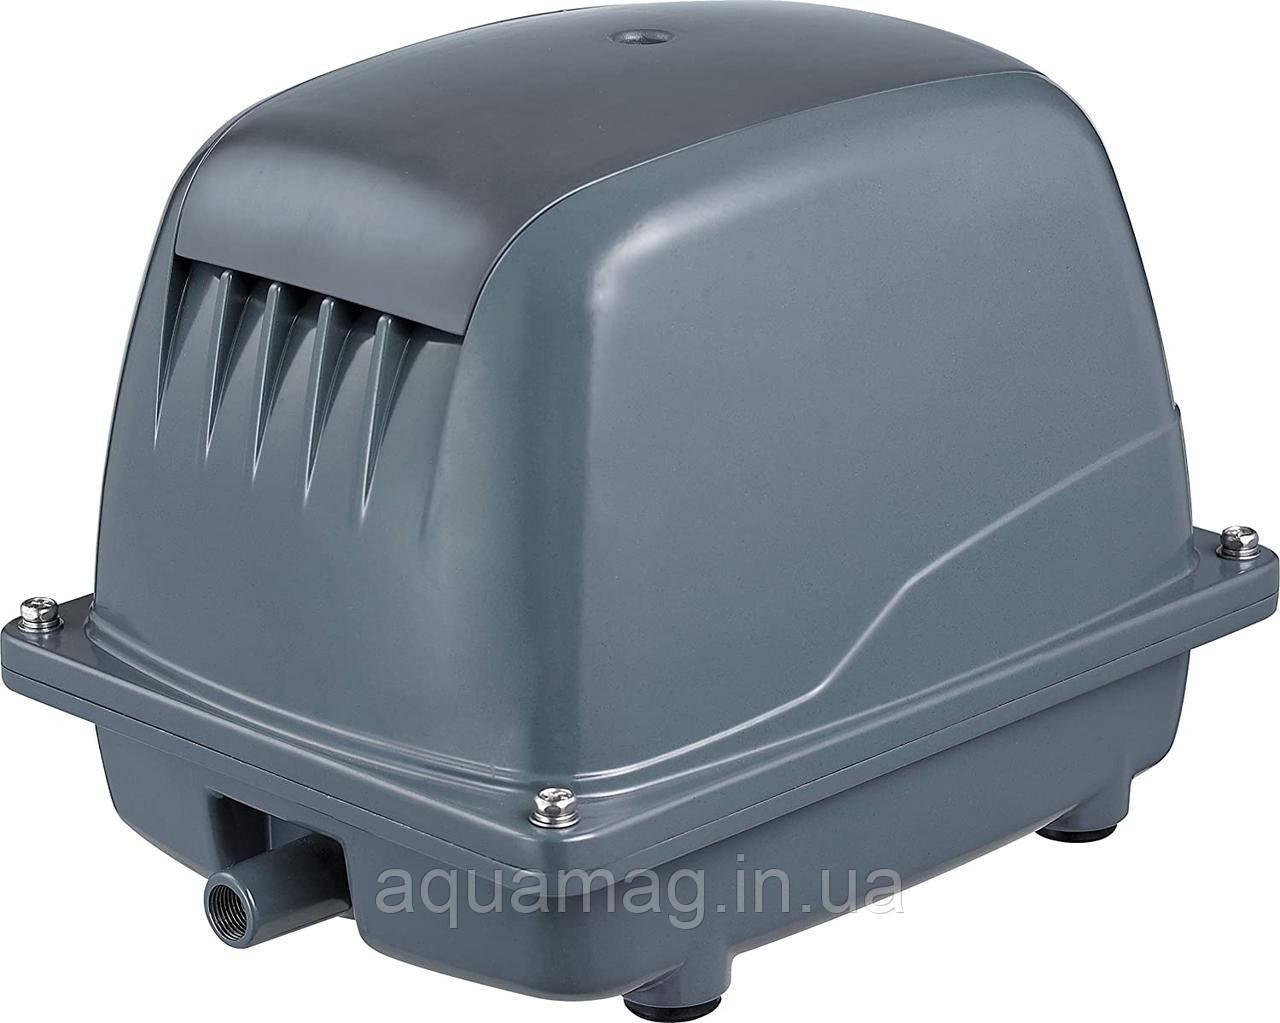 Аэратор, компрессор Jebao MA-65 для пруда, водоема, септика, узв, озера, рыб